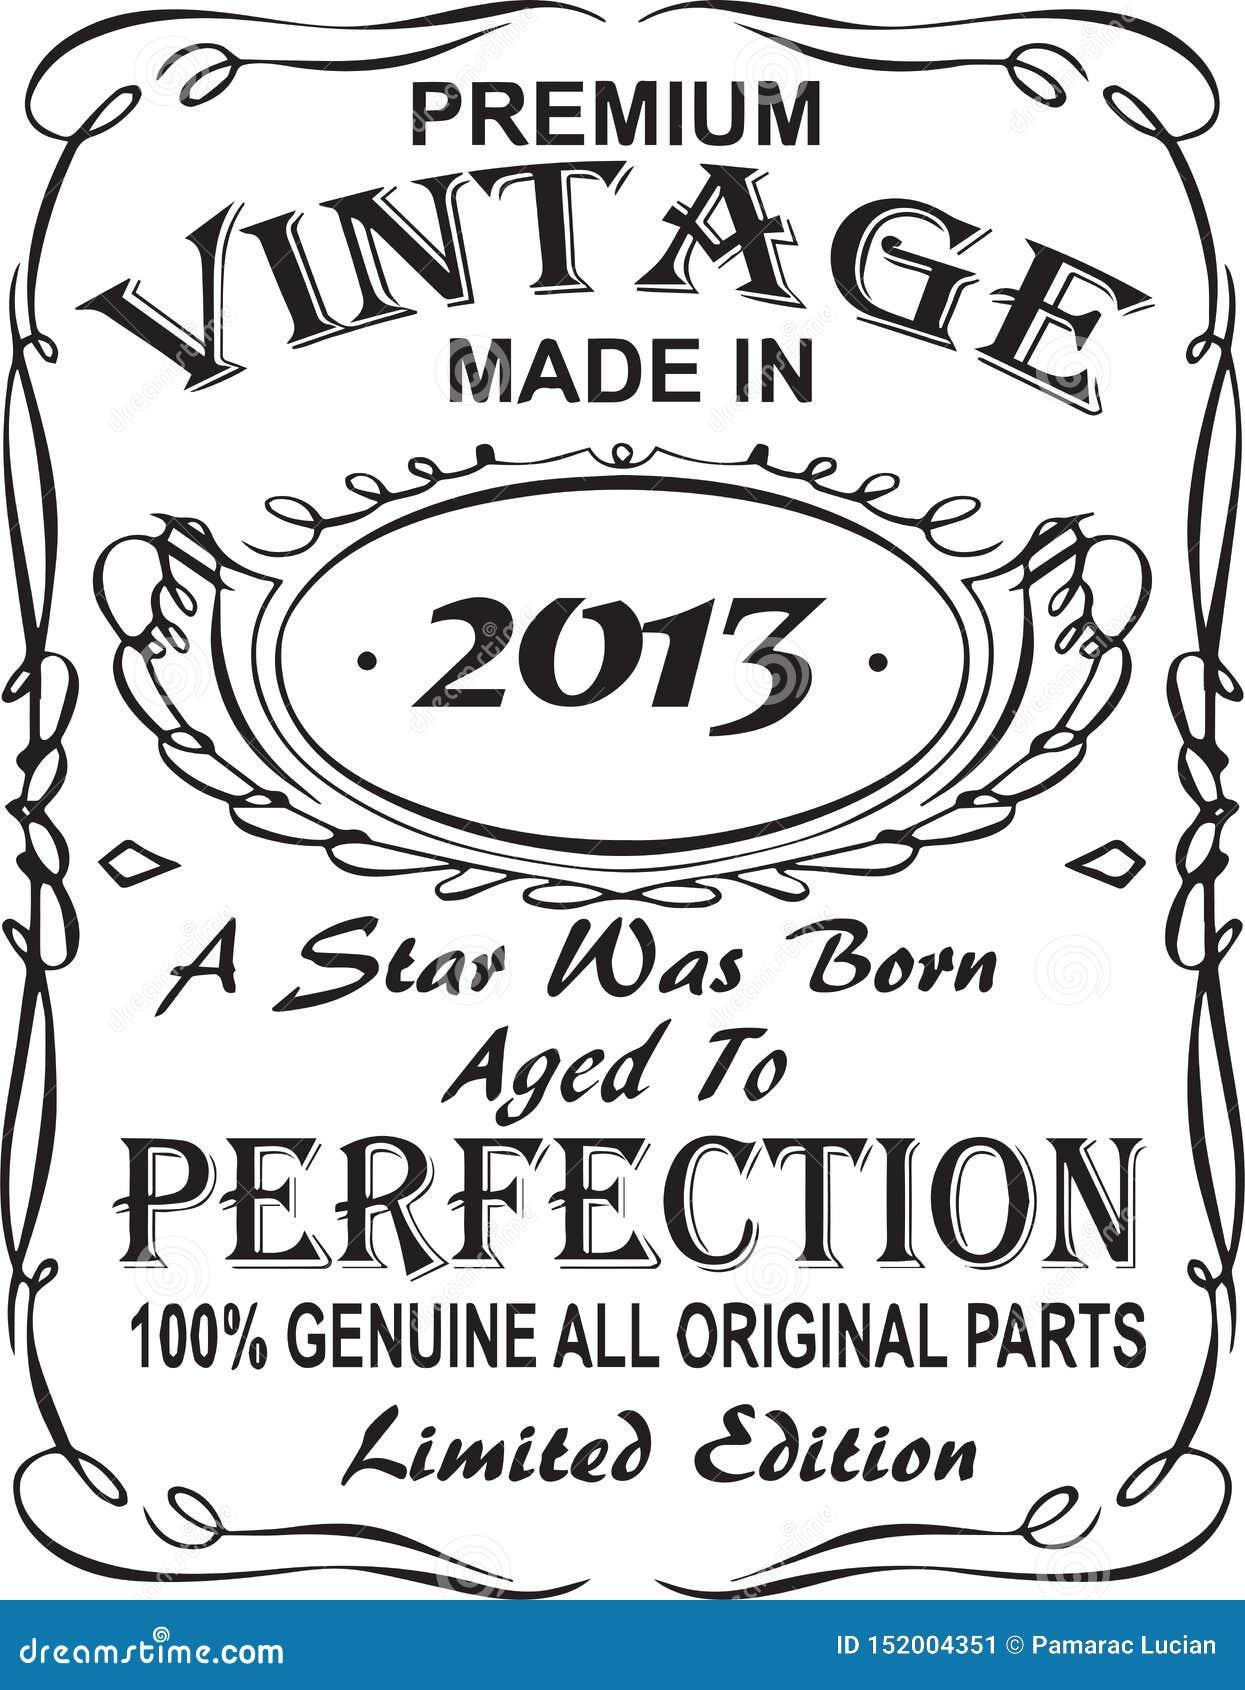 矢量T恤杉印刷品设计 优质葡萄酒在星出生的2013年做的变老了对完美100 真正所有原始的零件林